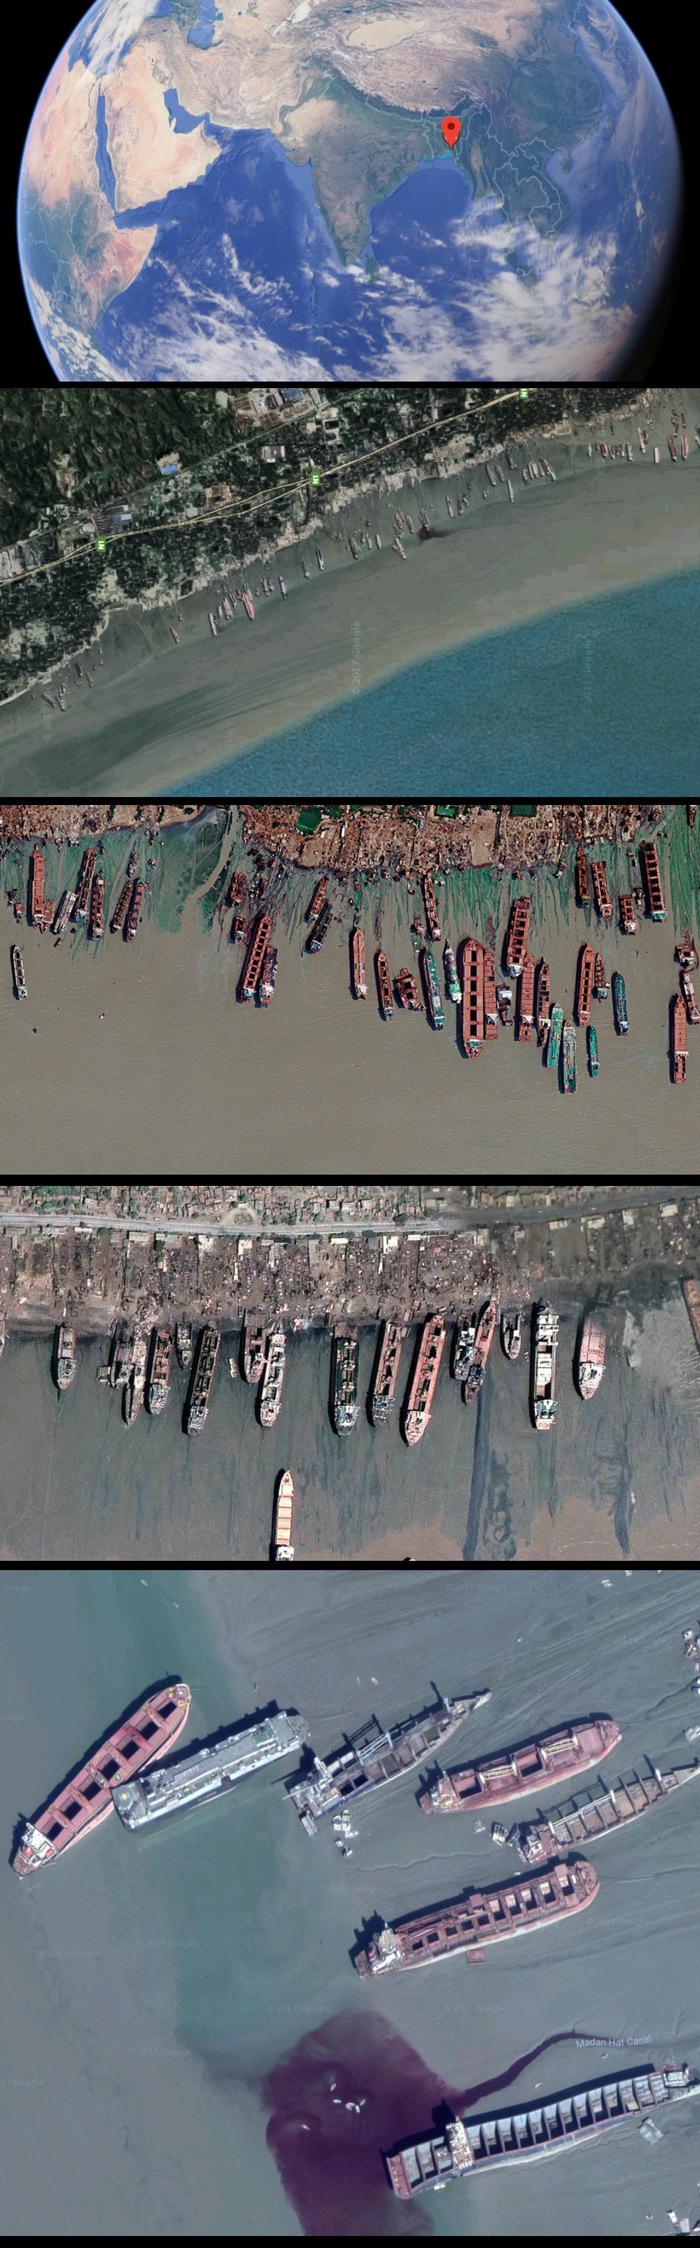 Апокалиптические места планеты: Город кораблеразборщиков. Репортаж, Бангладеш, Индия, Корабль, Читтагонг, Апокалипсис, Пляж, Длиннопост